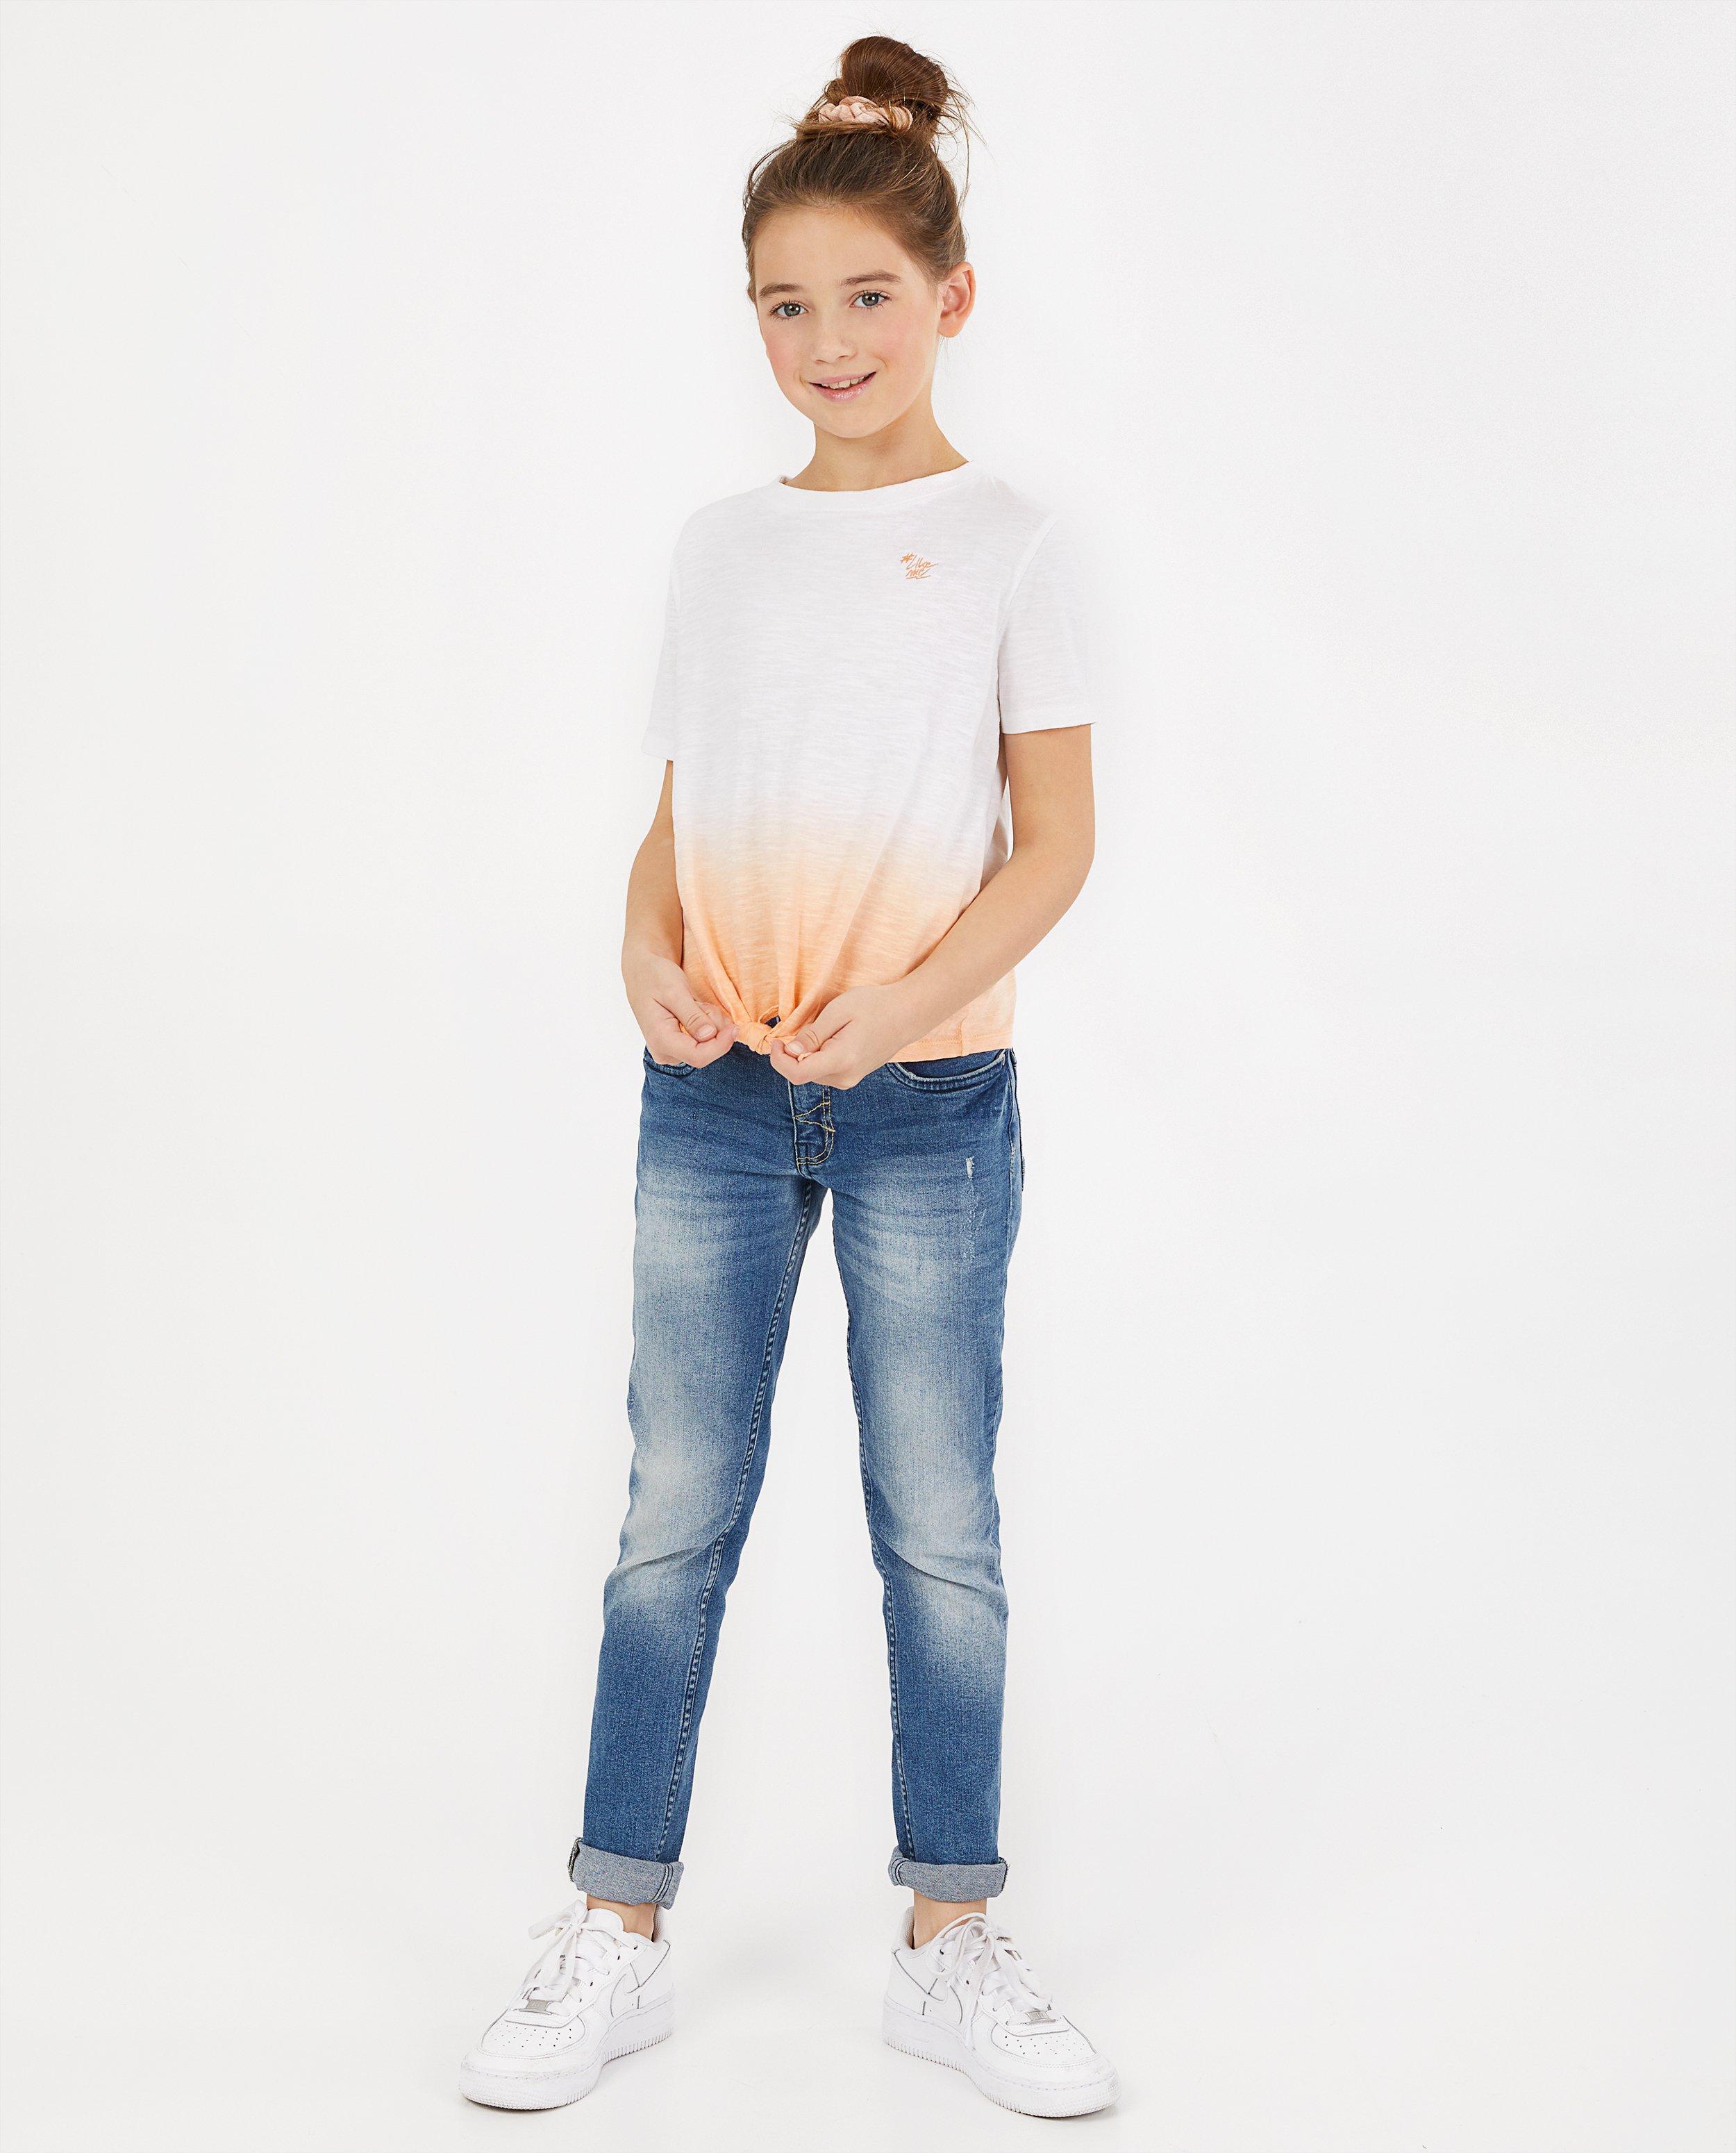 T-shirt met gradiënt #LikeMe - met knoop - Like Me